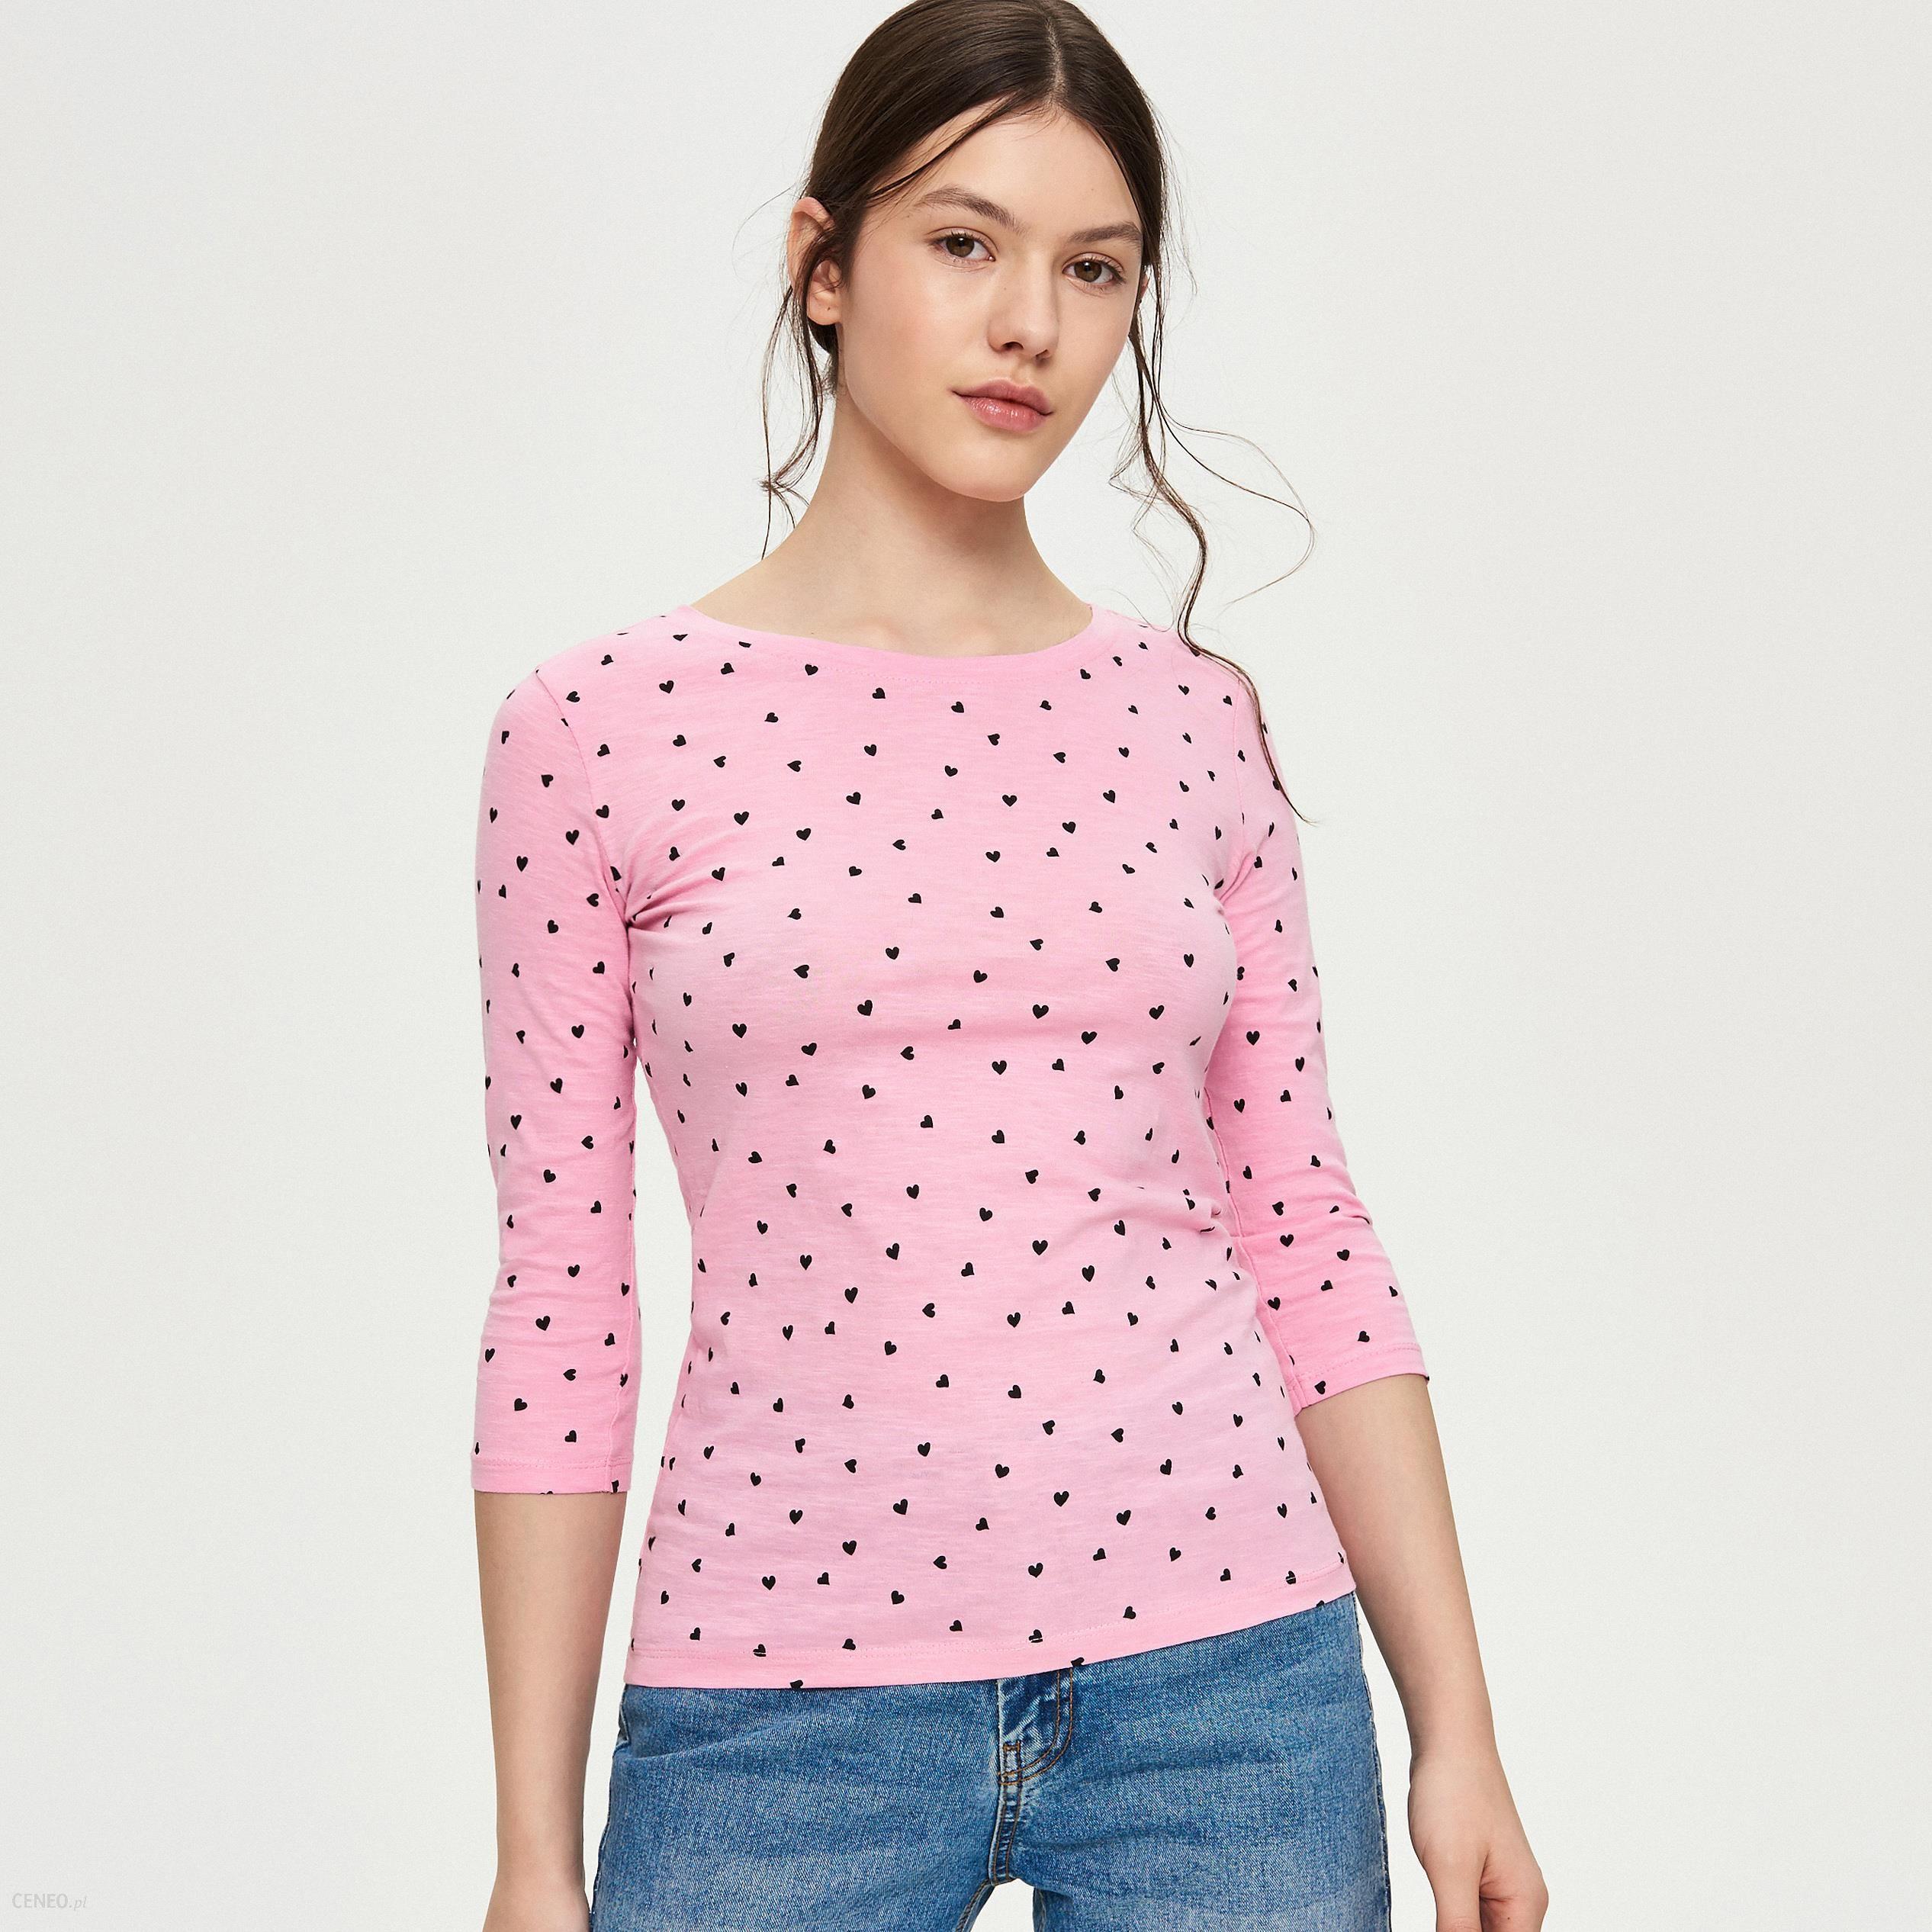 a6546dd4e6 Sinsay - Dopasowana bluzka - Różowy - Ceny i opinie - Ceneo.pl